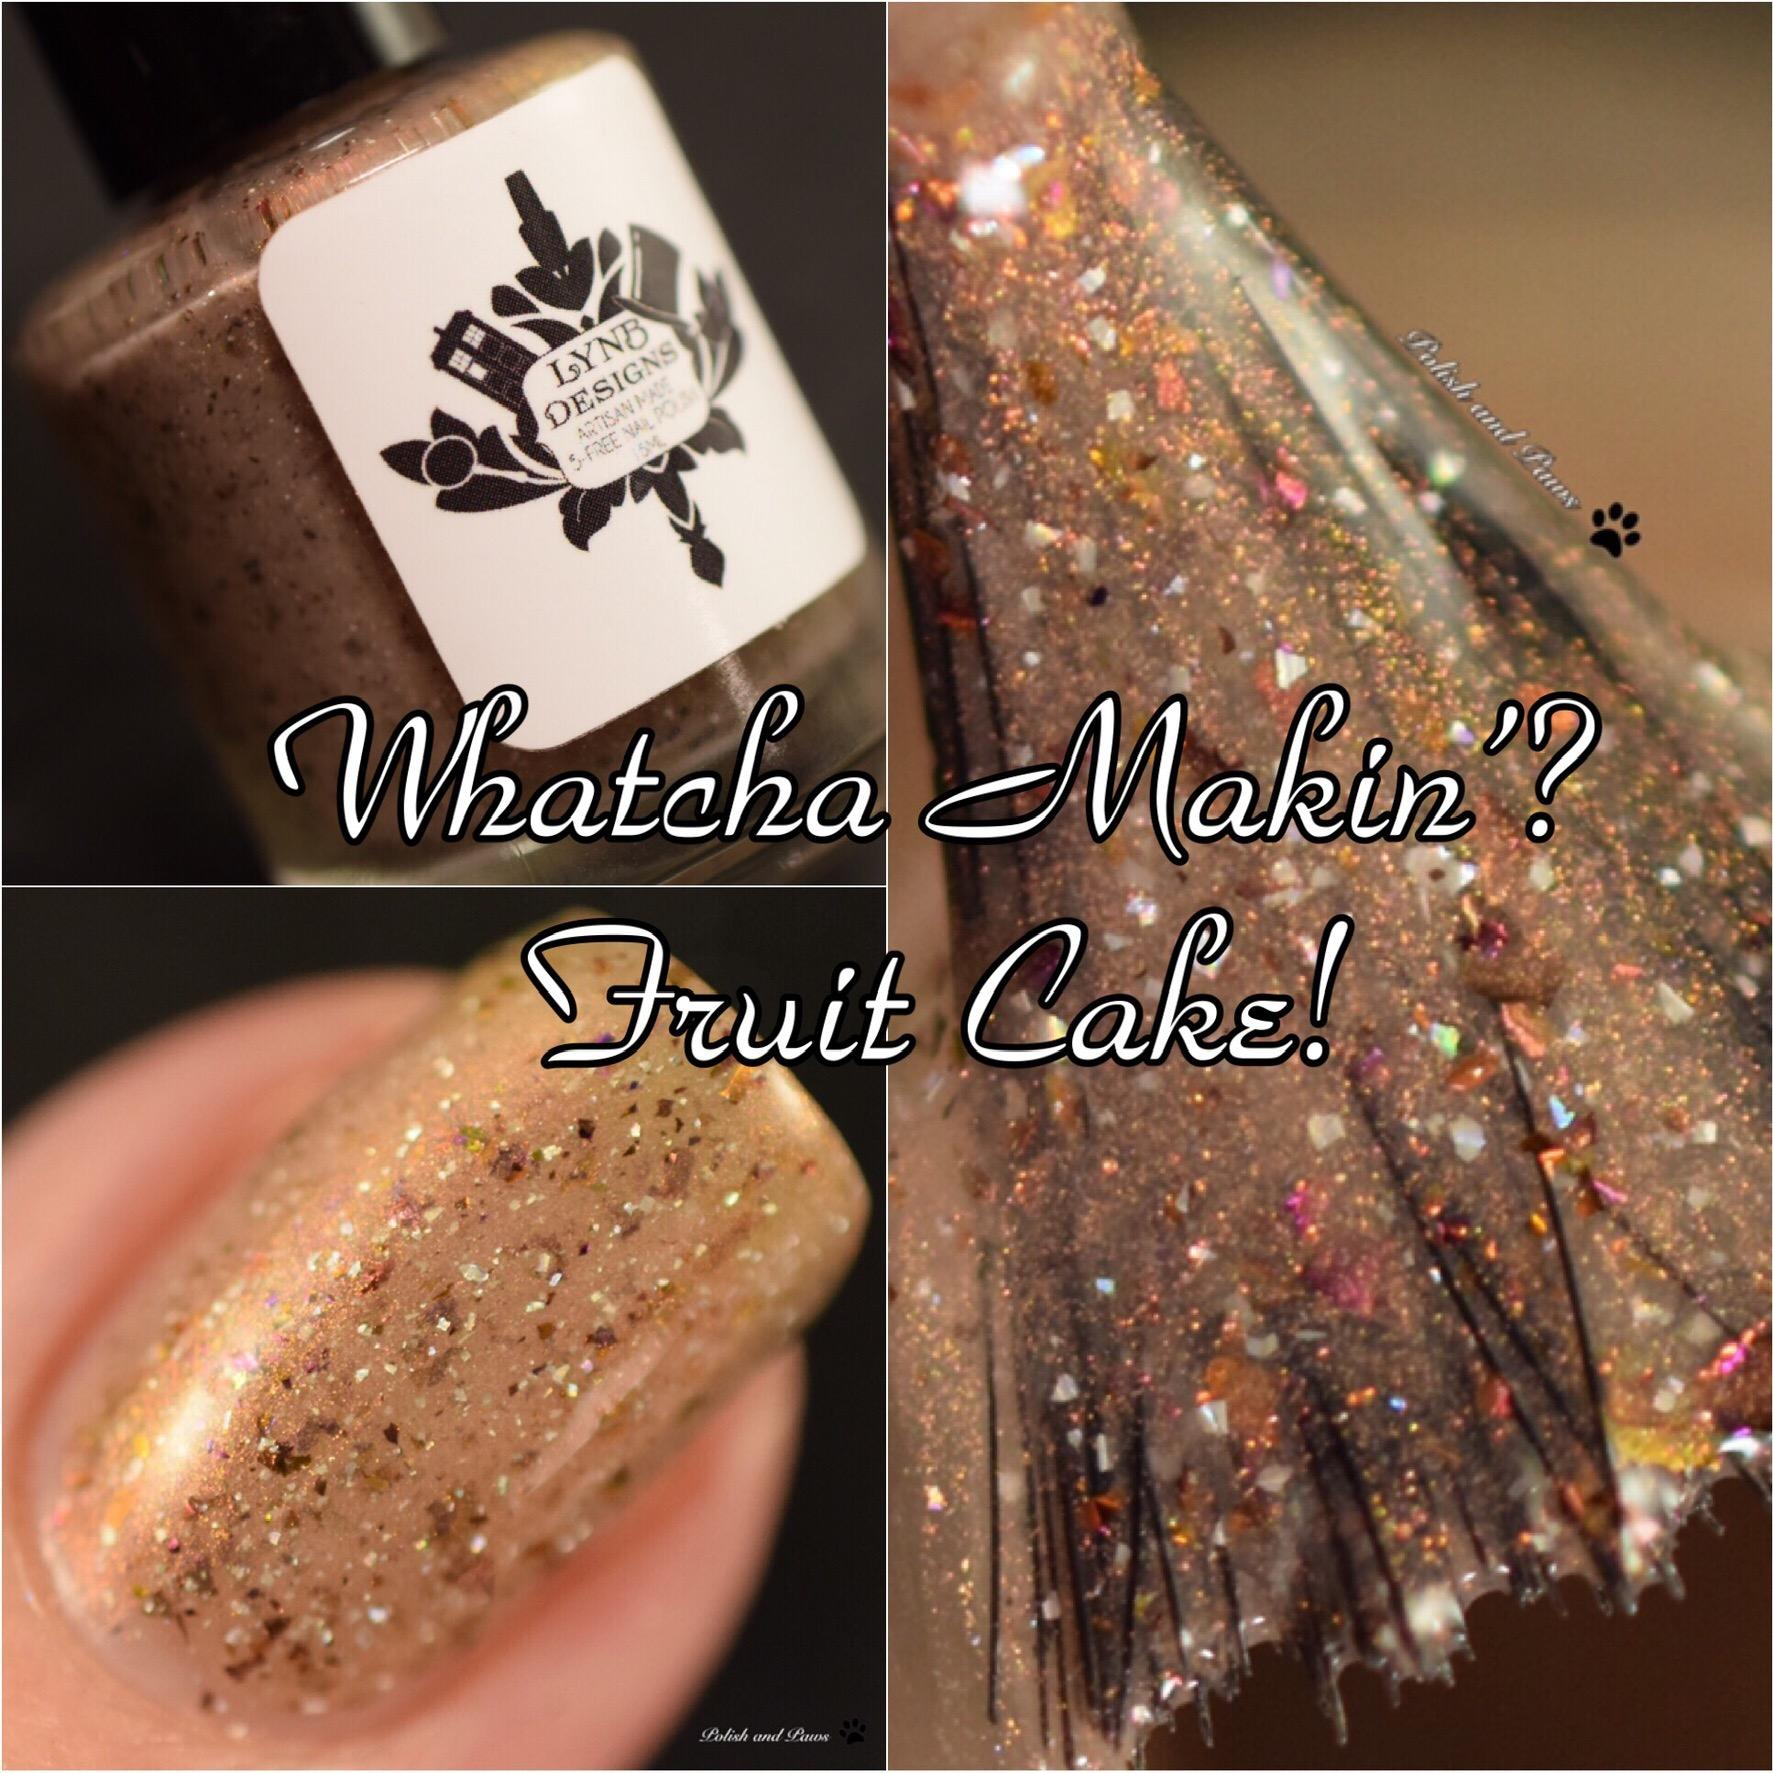 LynB Designs Whatcha Makin'? Fruit Cake!